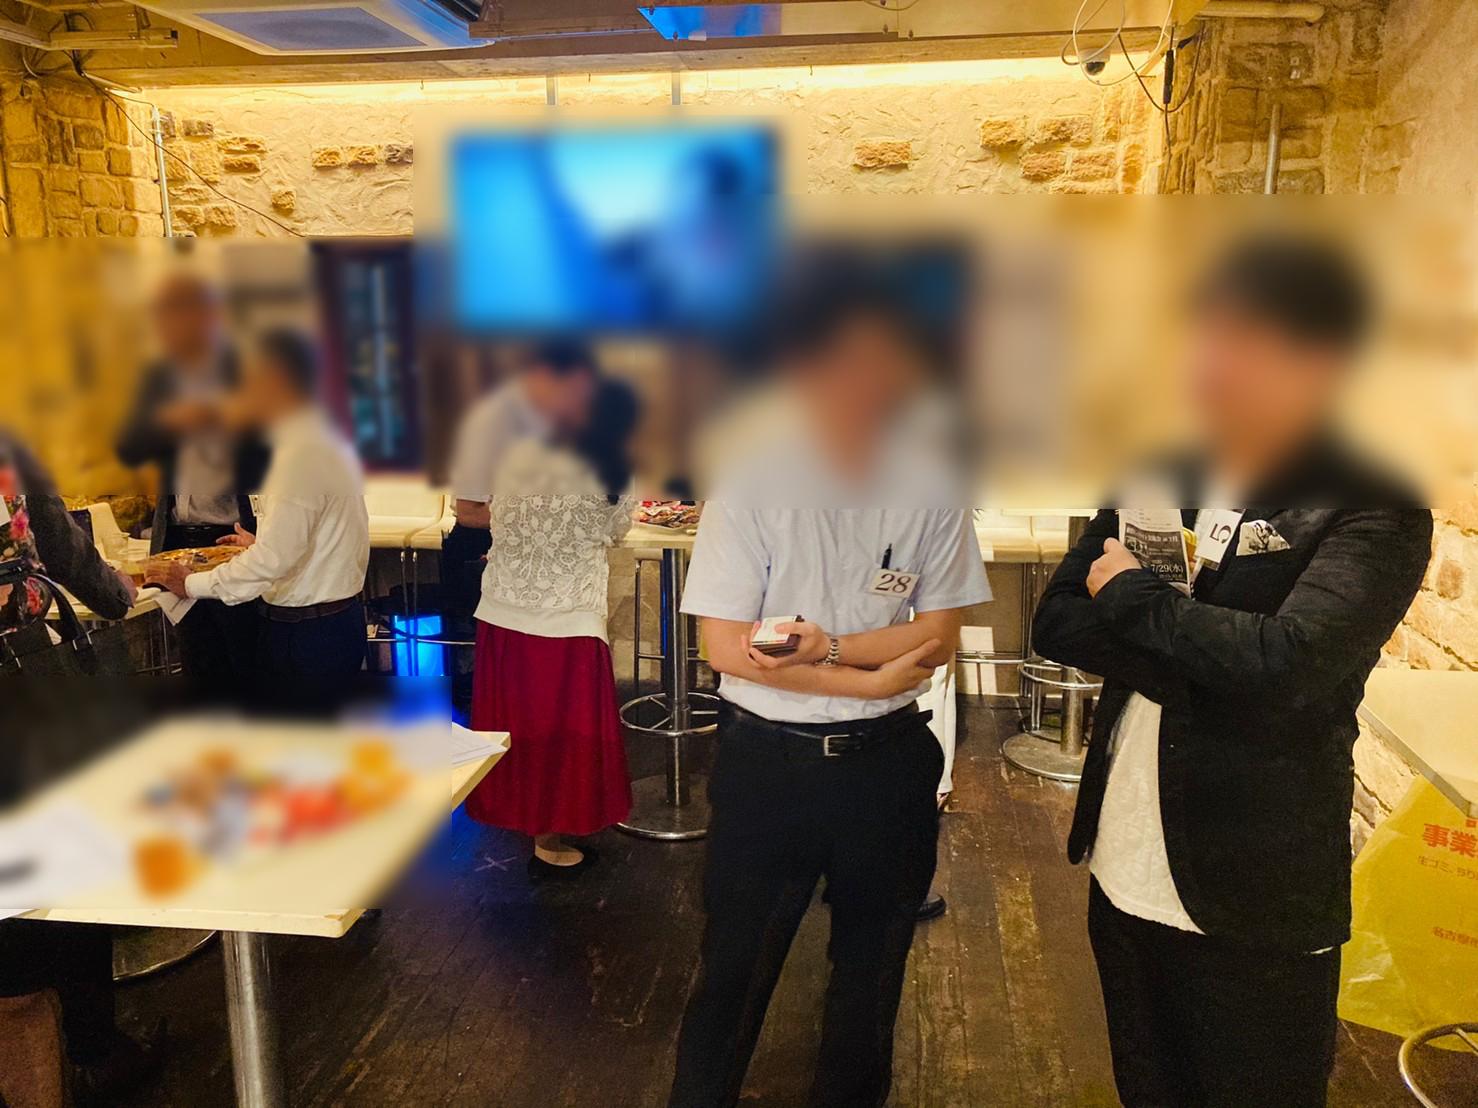 第56回名古屋異業種交流会 当日写真4